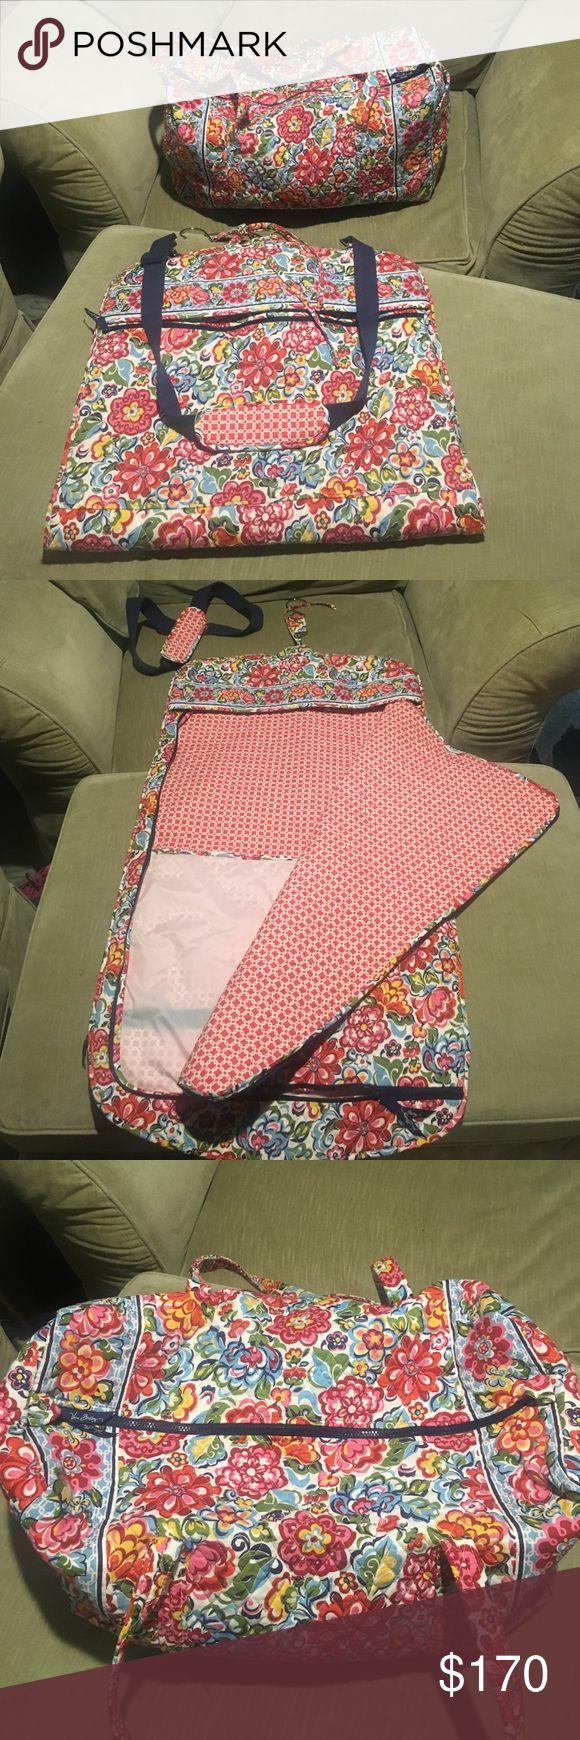 Vera Bradley Garment Bag and Large Duffel EEUC garment bag and duffel. Hope Garden print. Vera Bradley Bags Travel Bags